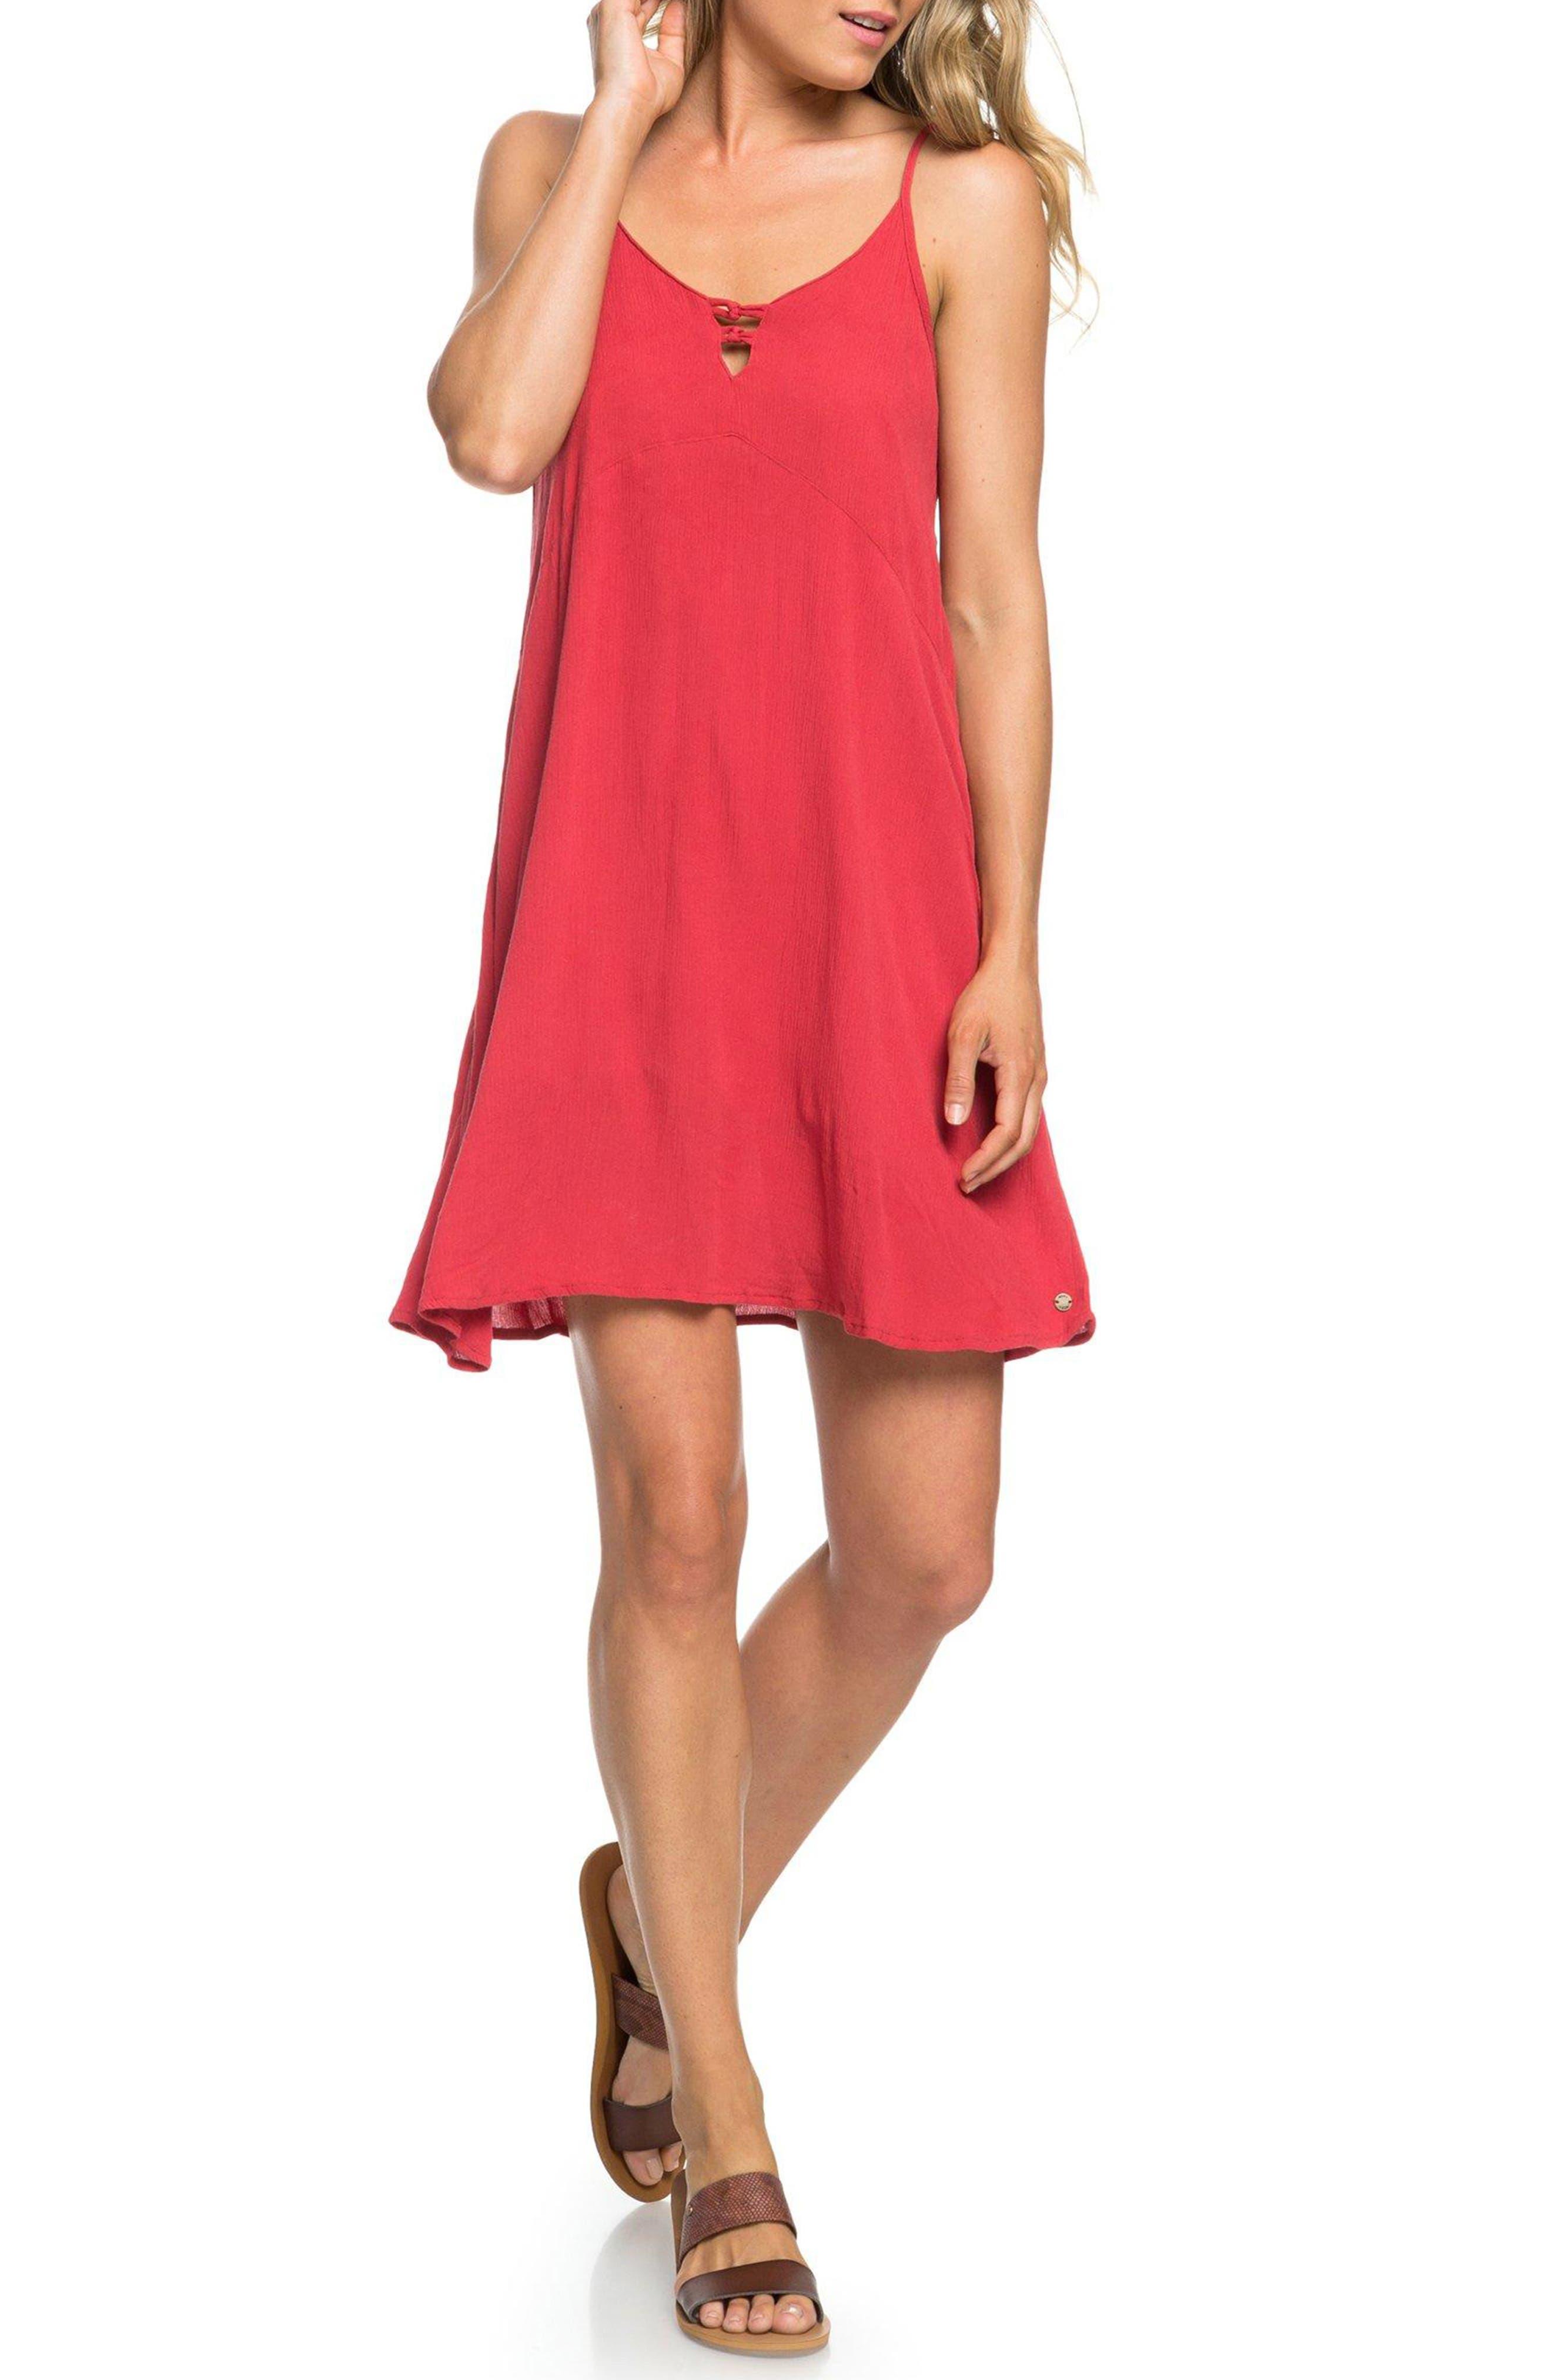 Roxy Full Bloom Swing Dress, Red